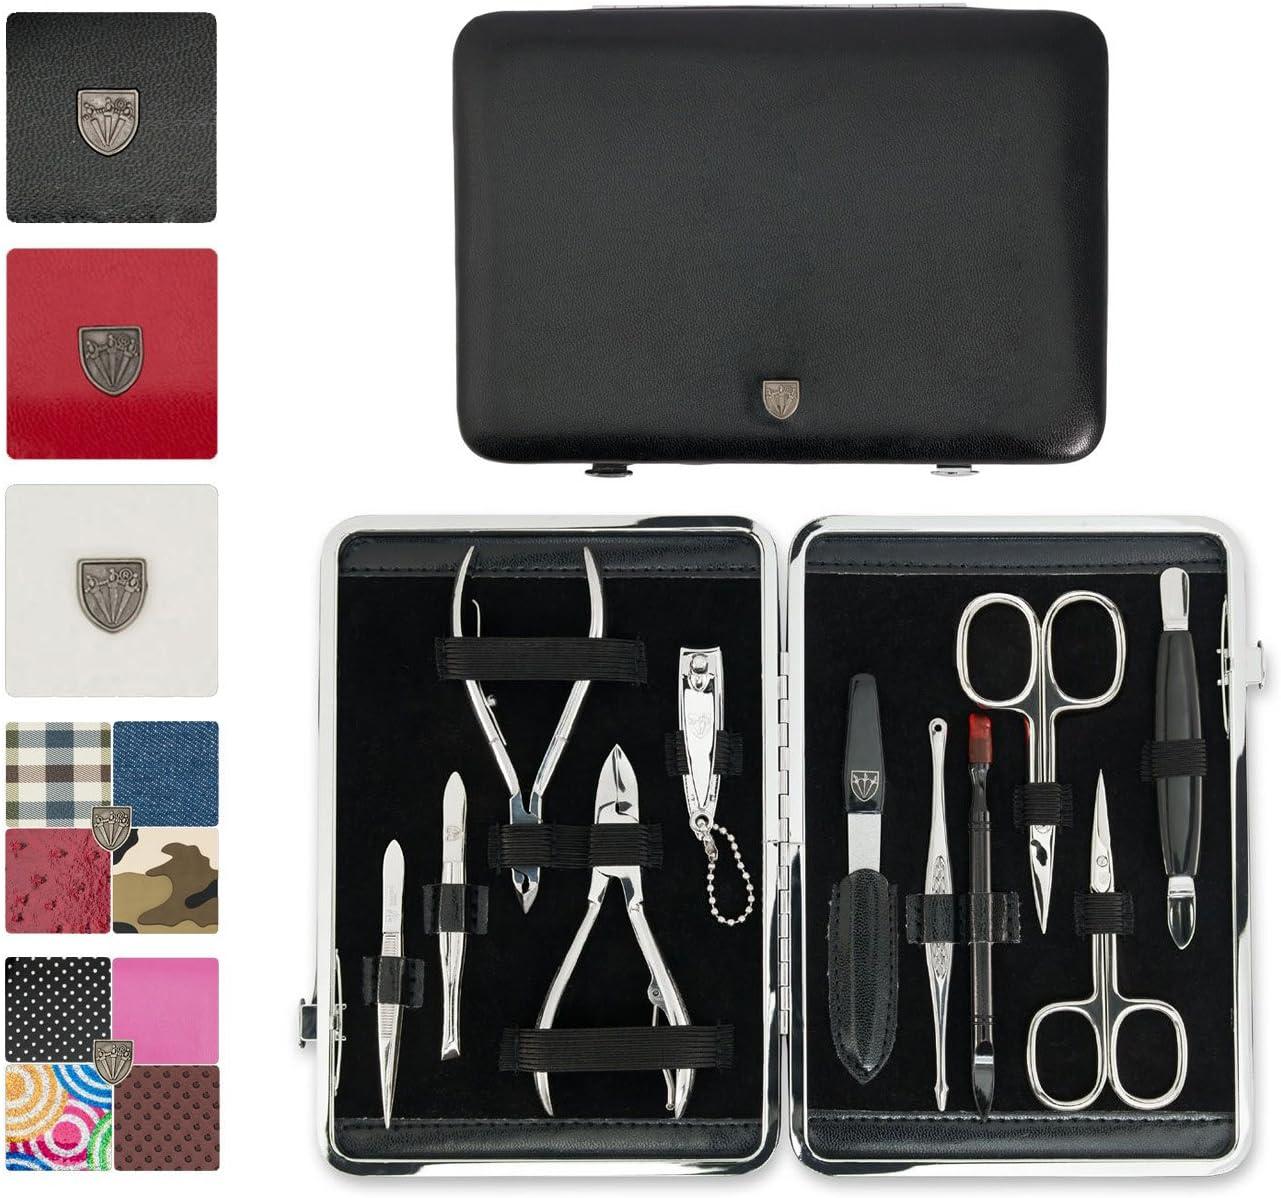 3 Swords-•,,,-- -Estuche de manicura-set de manicura-pedicura-beaute-beauty/cuidado de las uñas de manos y pies personal/• 11 piezas • Marca de calidad: Amazon.es: Belleza